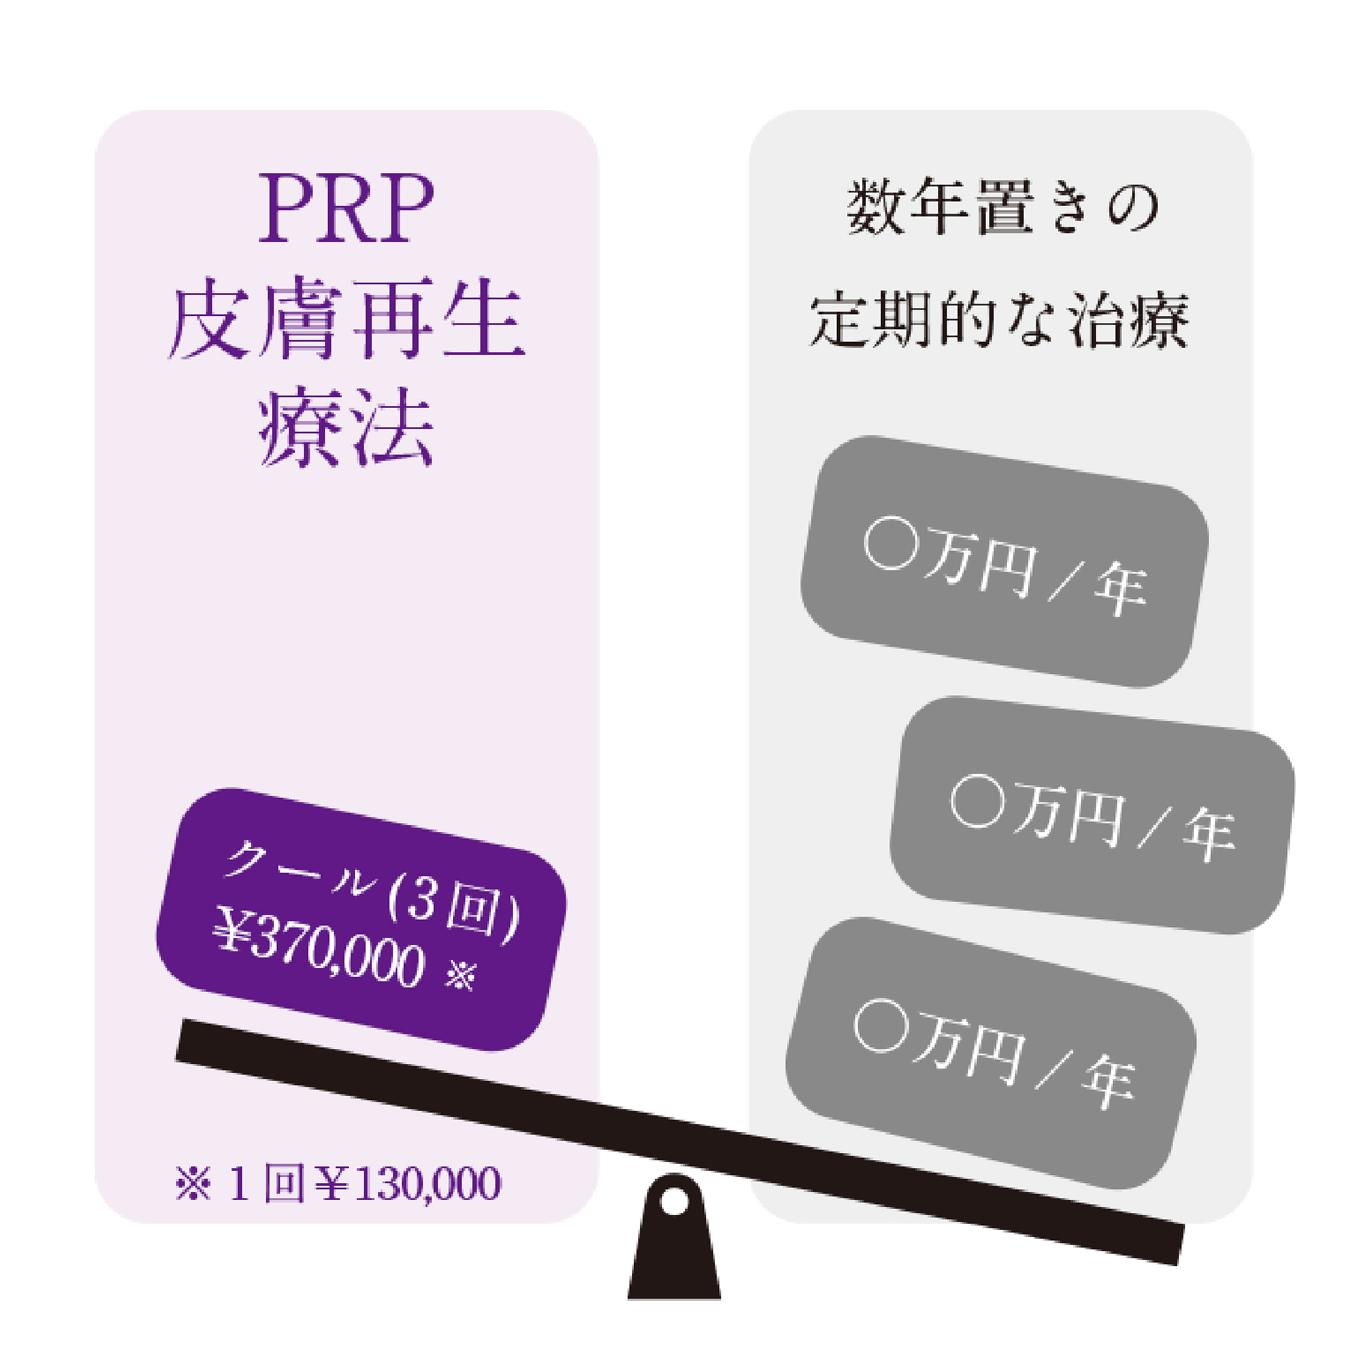 PRP皮膚再生療法_コスト図